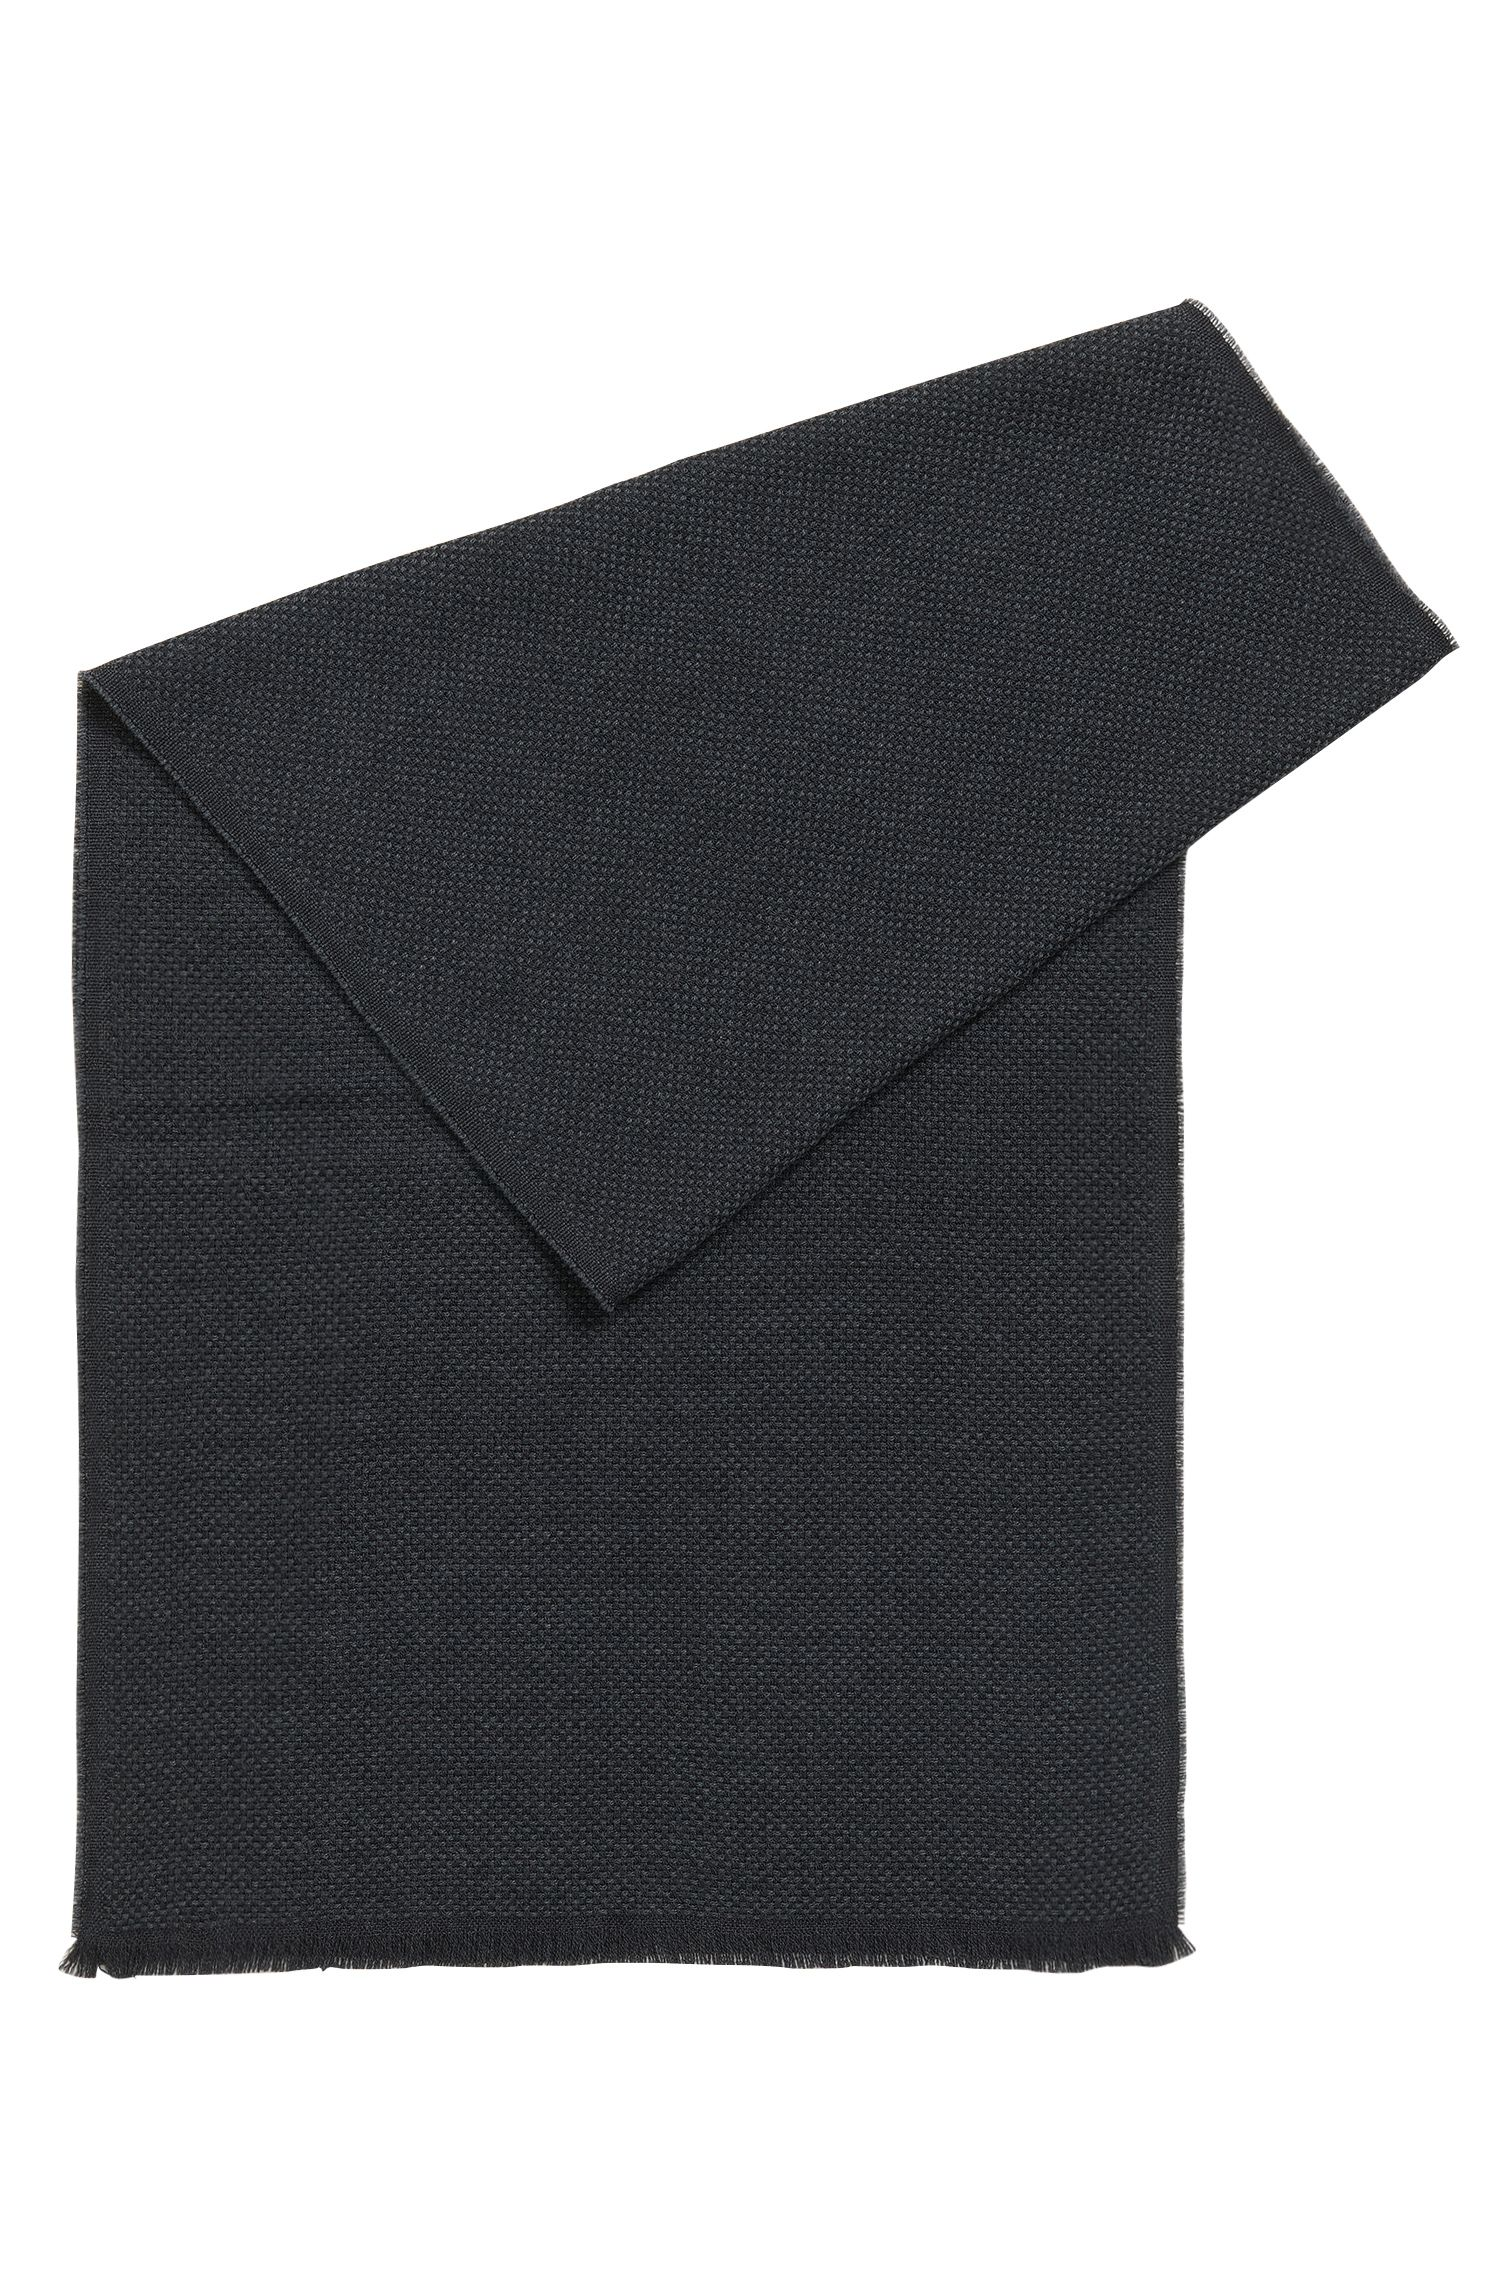 Sjaal van wol met gestructureerd weefpatroon